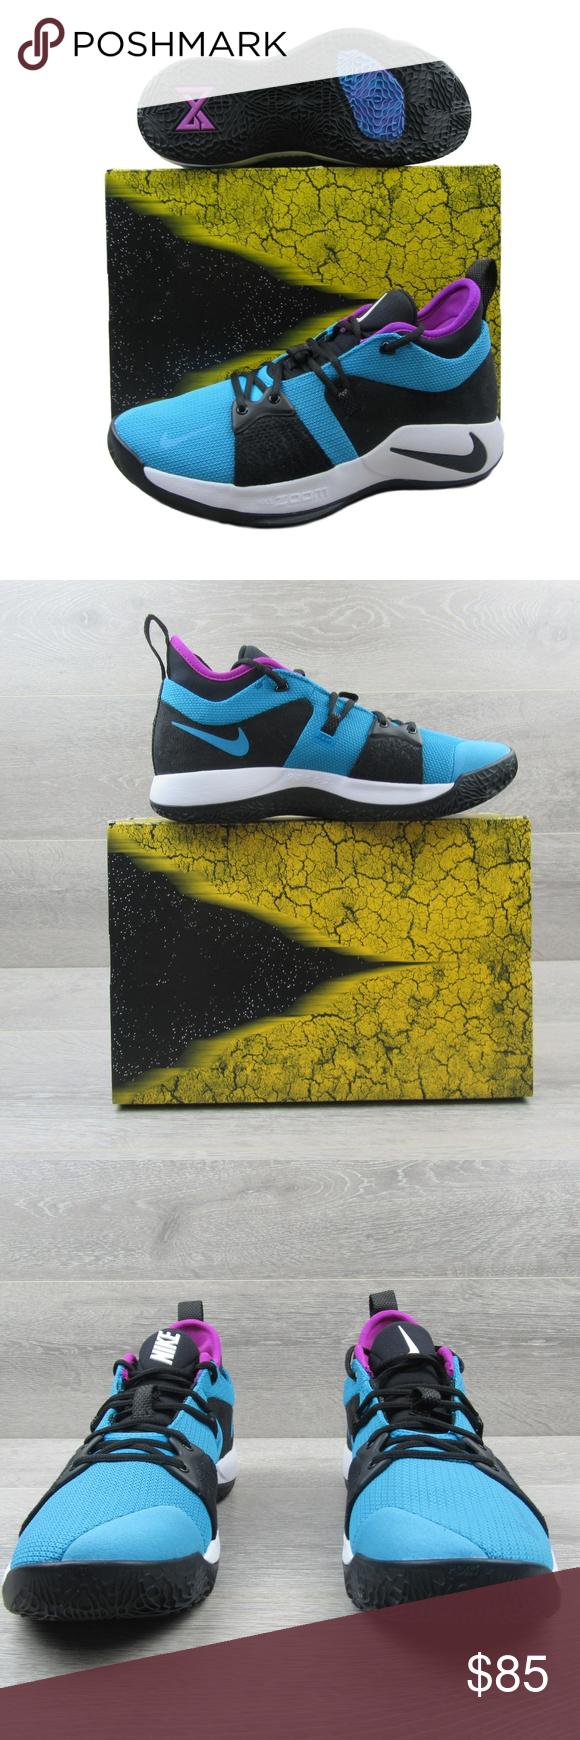 buy popular bee3b ef7ba Nike PG 2 Blue Lagoon Paul George Basketball Shoes PRICE IS ...